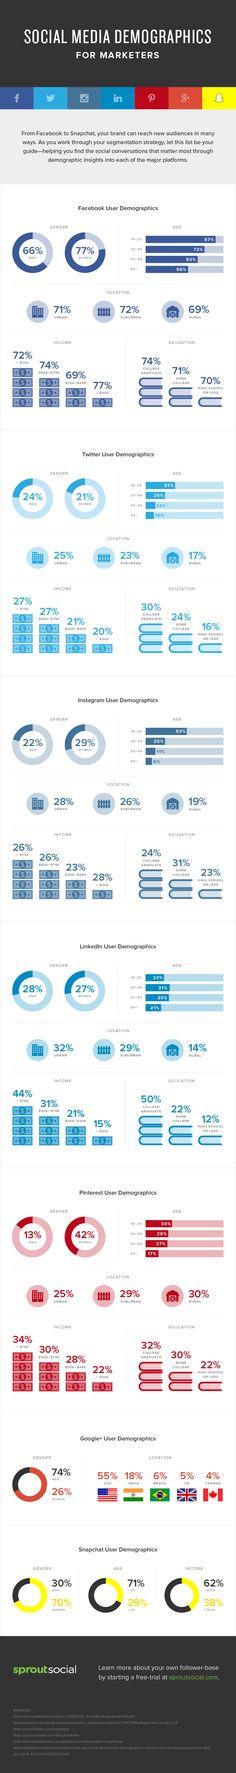 Social Media Demographics for Marketers // La demografía de los medios sociales, la guía más completa.